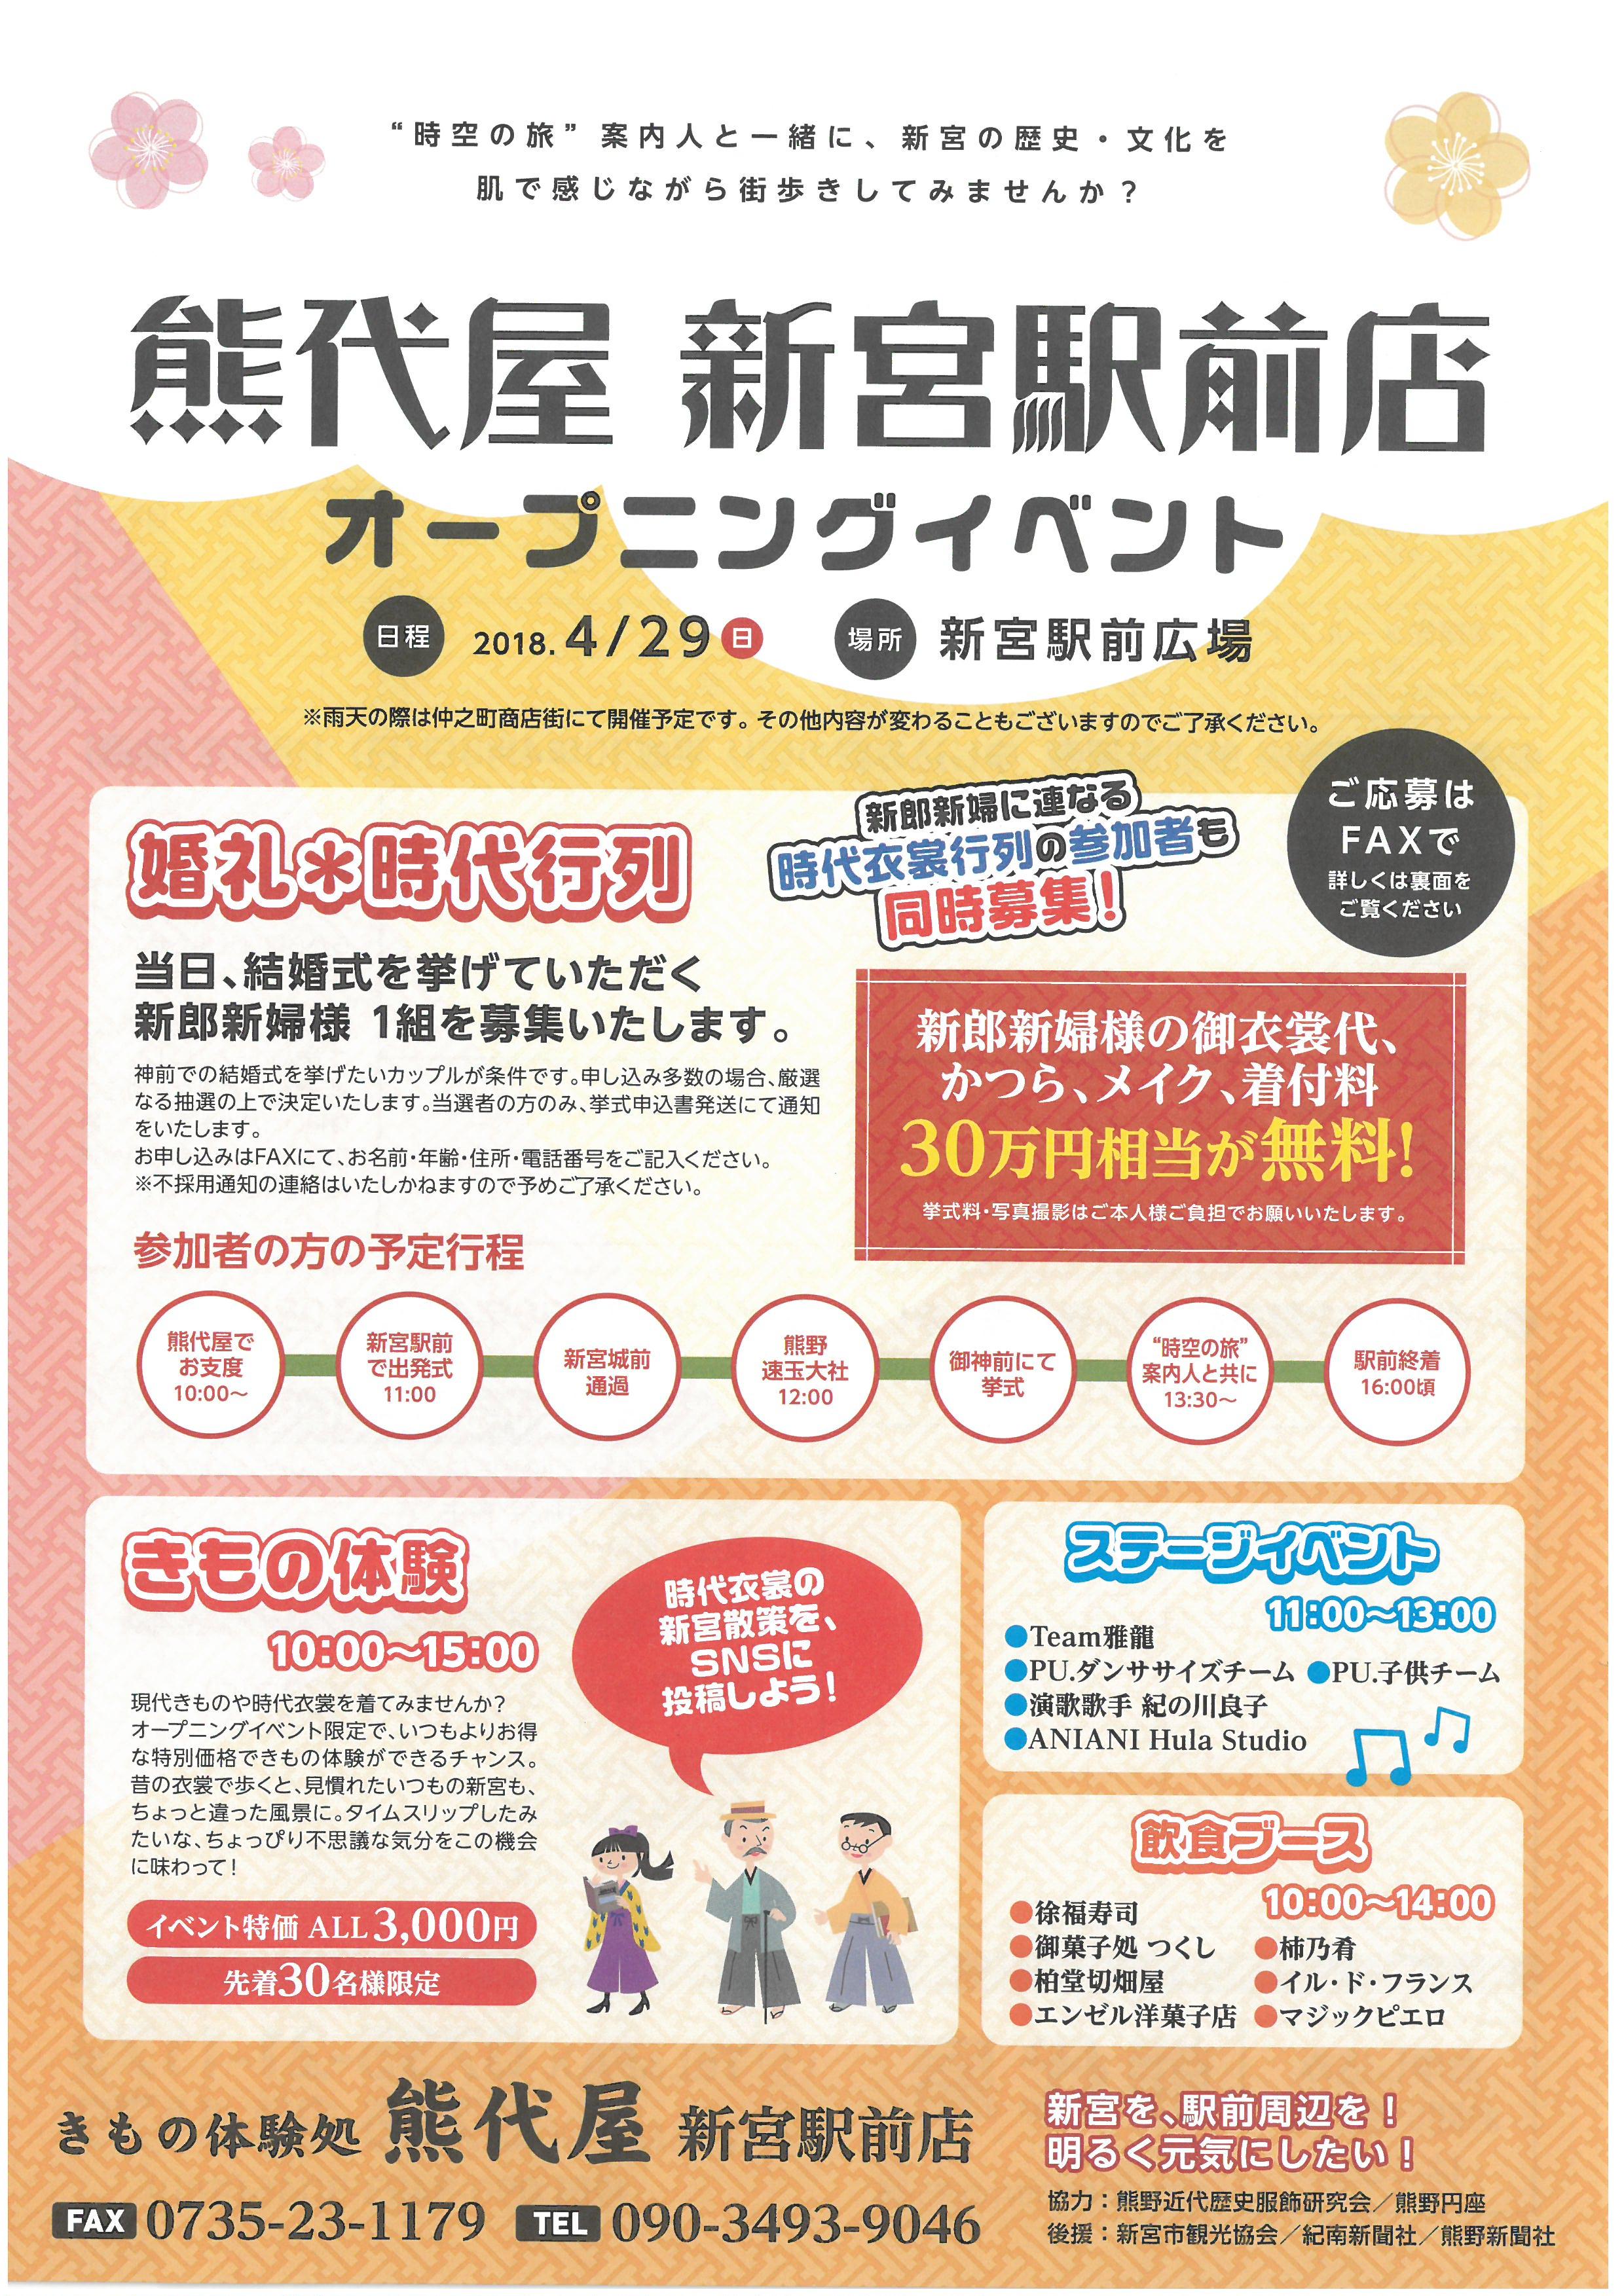 熊代屋 新宮駅前店 オープニングイベントの開催について